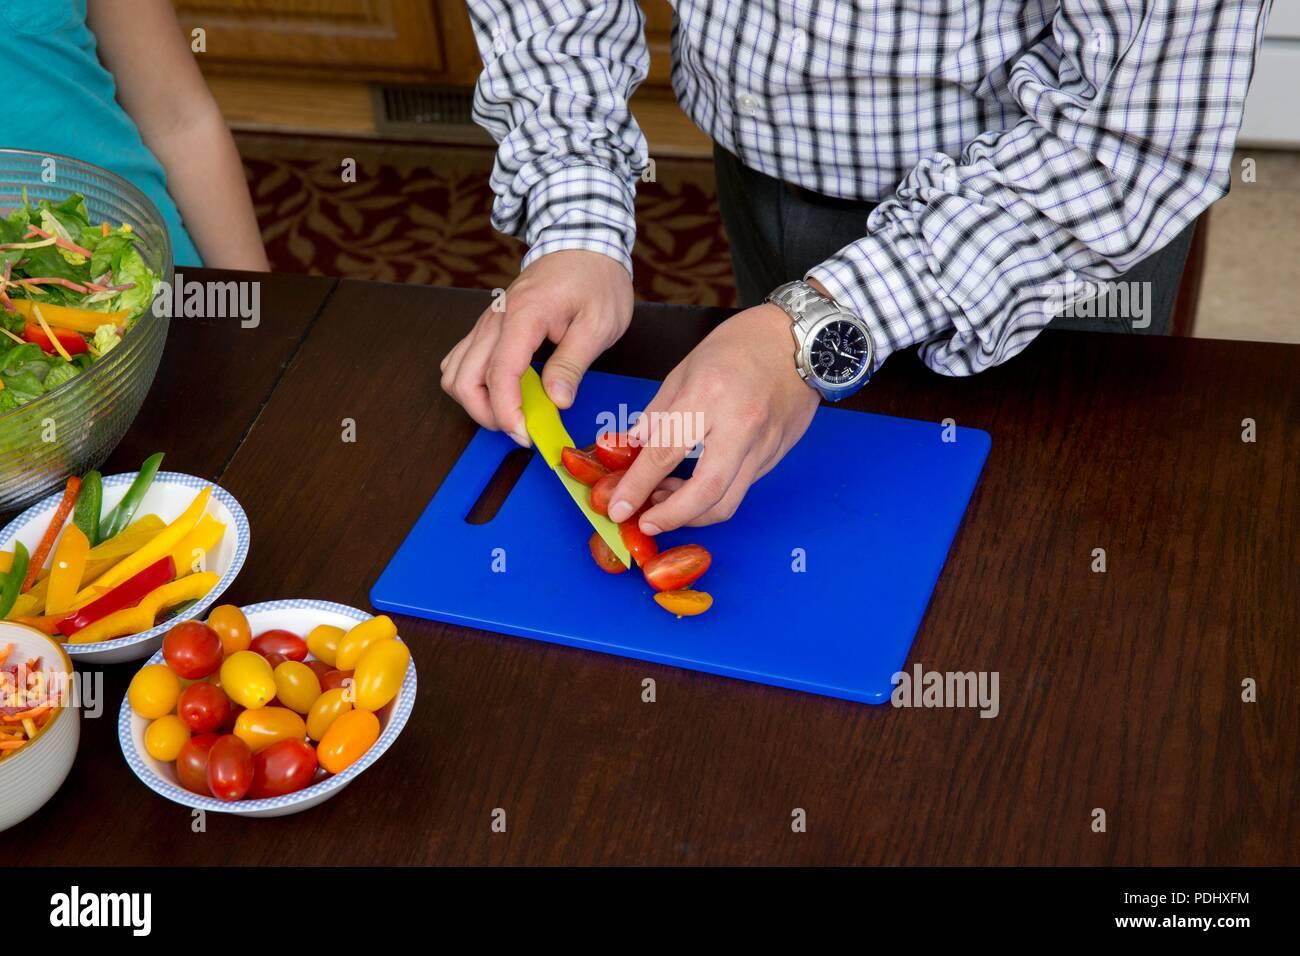 Hombre rebanar tomates con un bonito sobre una placa de corte azul en una cocina de hogar Imagen De Stock